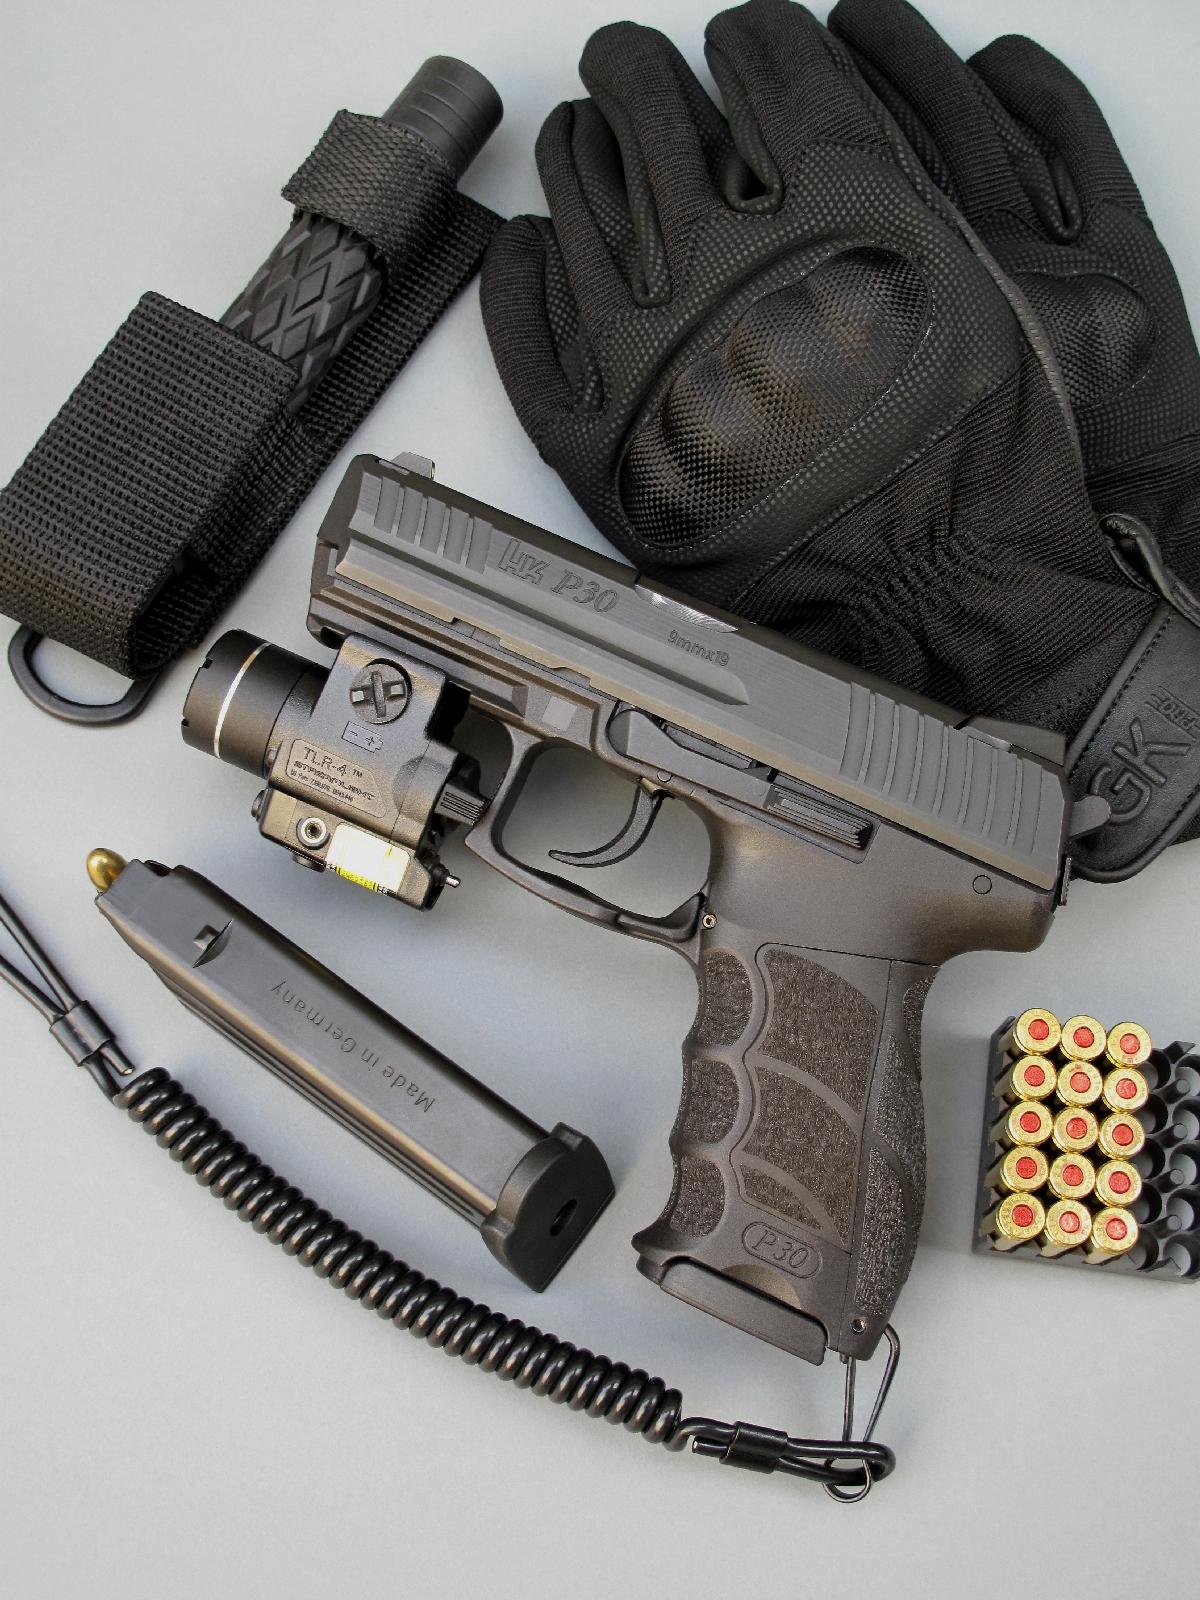 Le pistolet HK P30 est muni ici d'un ensemble compact Streamlight TLR-4 combinant lampe torche et désignateur laser et il est accompagné par son chargeur de rechange, un bâton télescopique en acier trempé 16 pouces « Piranha » à poignée gainée latex et une paire de gants tactiques coqués « Blake » de la firme GK Professional.